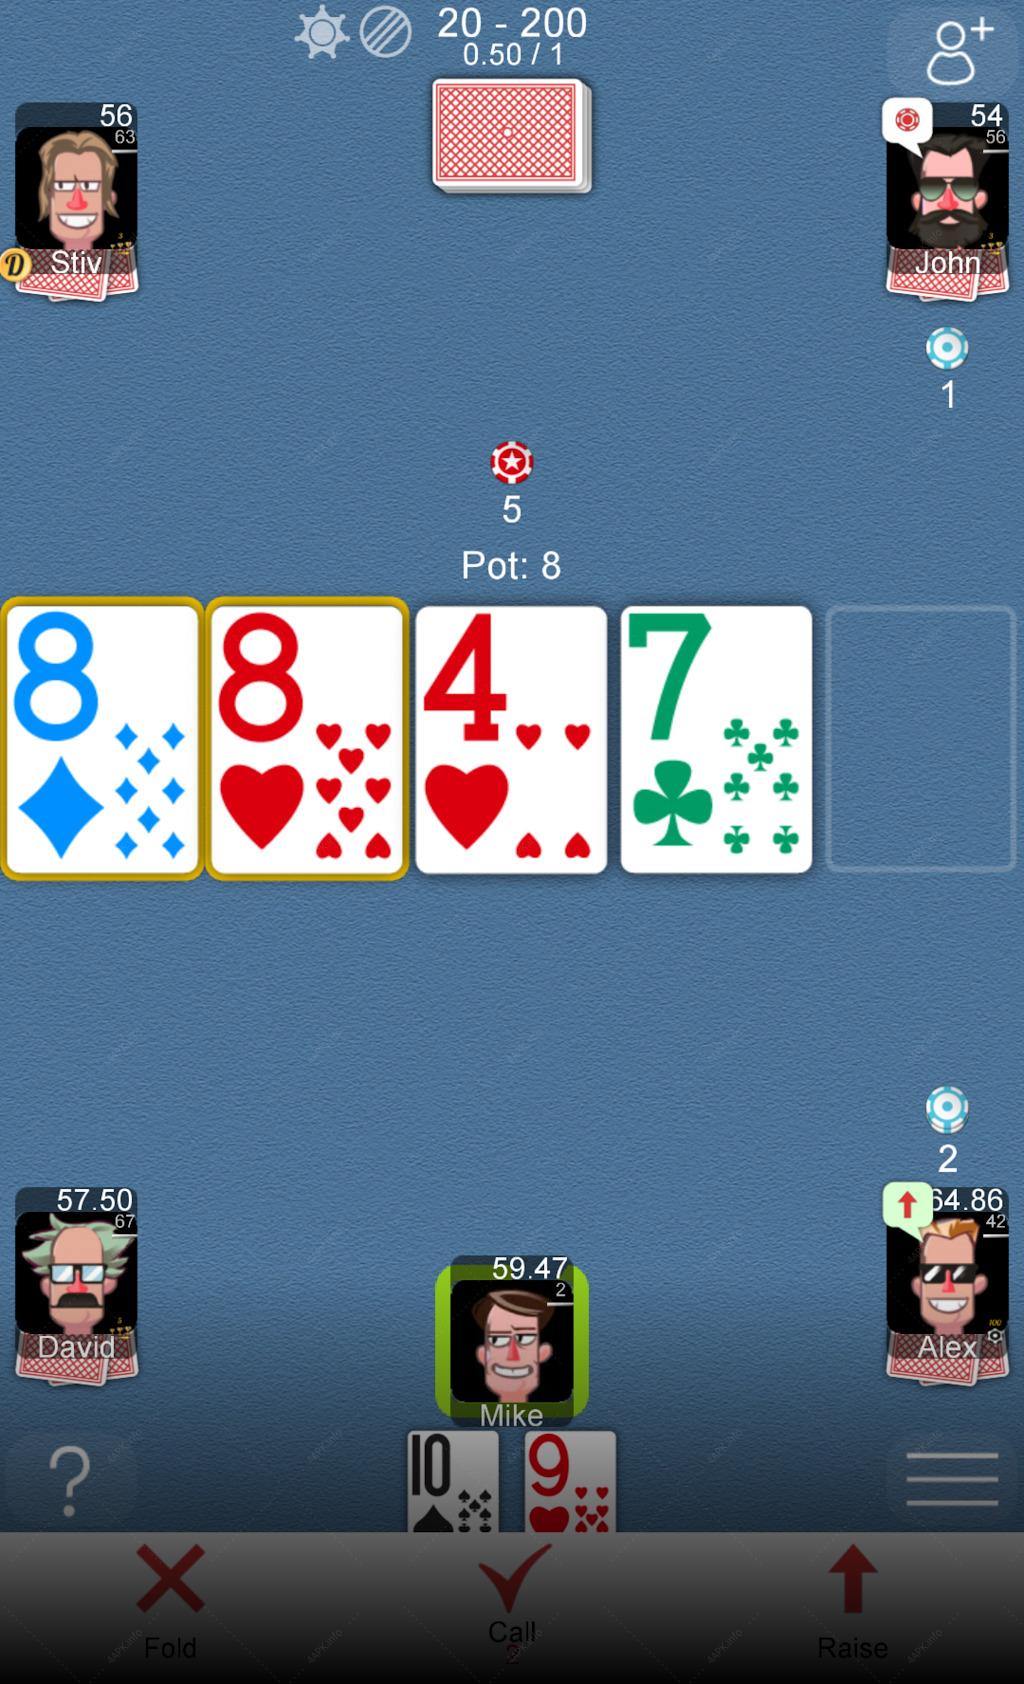 Скачать бесплатно игру покер на андроид не онлайн вылетает окно казино